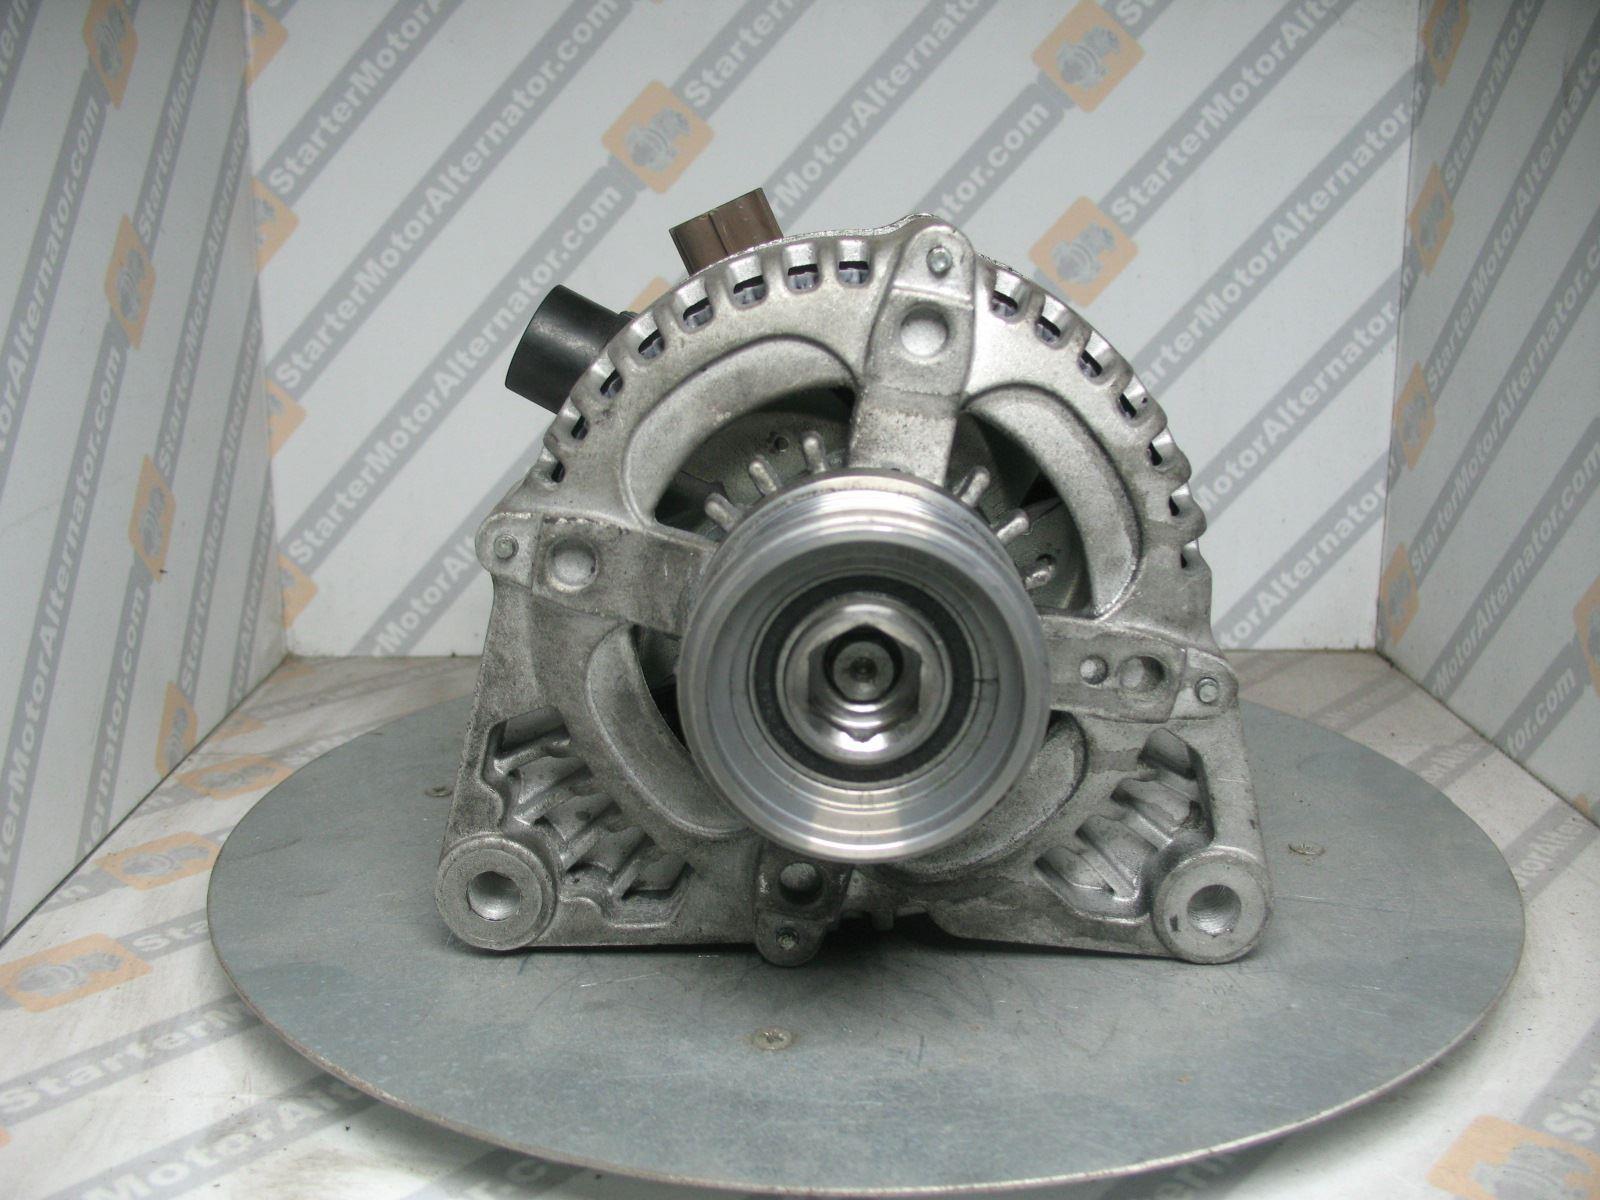 XIK2815 Alternator For Ford / Mazda / Volvo